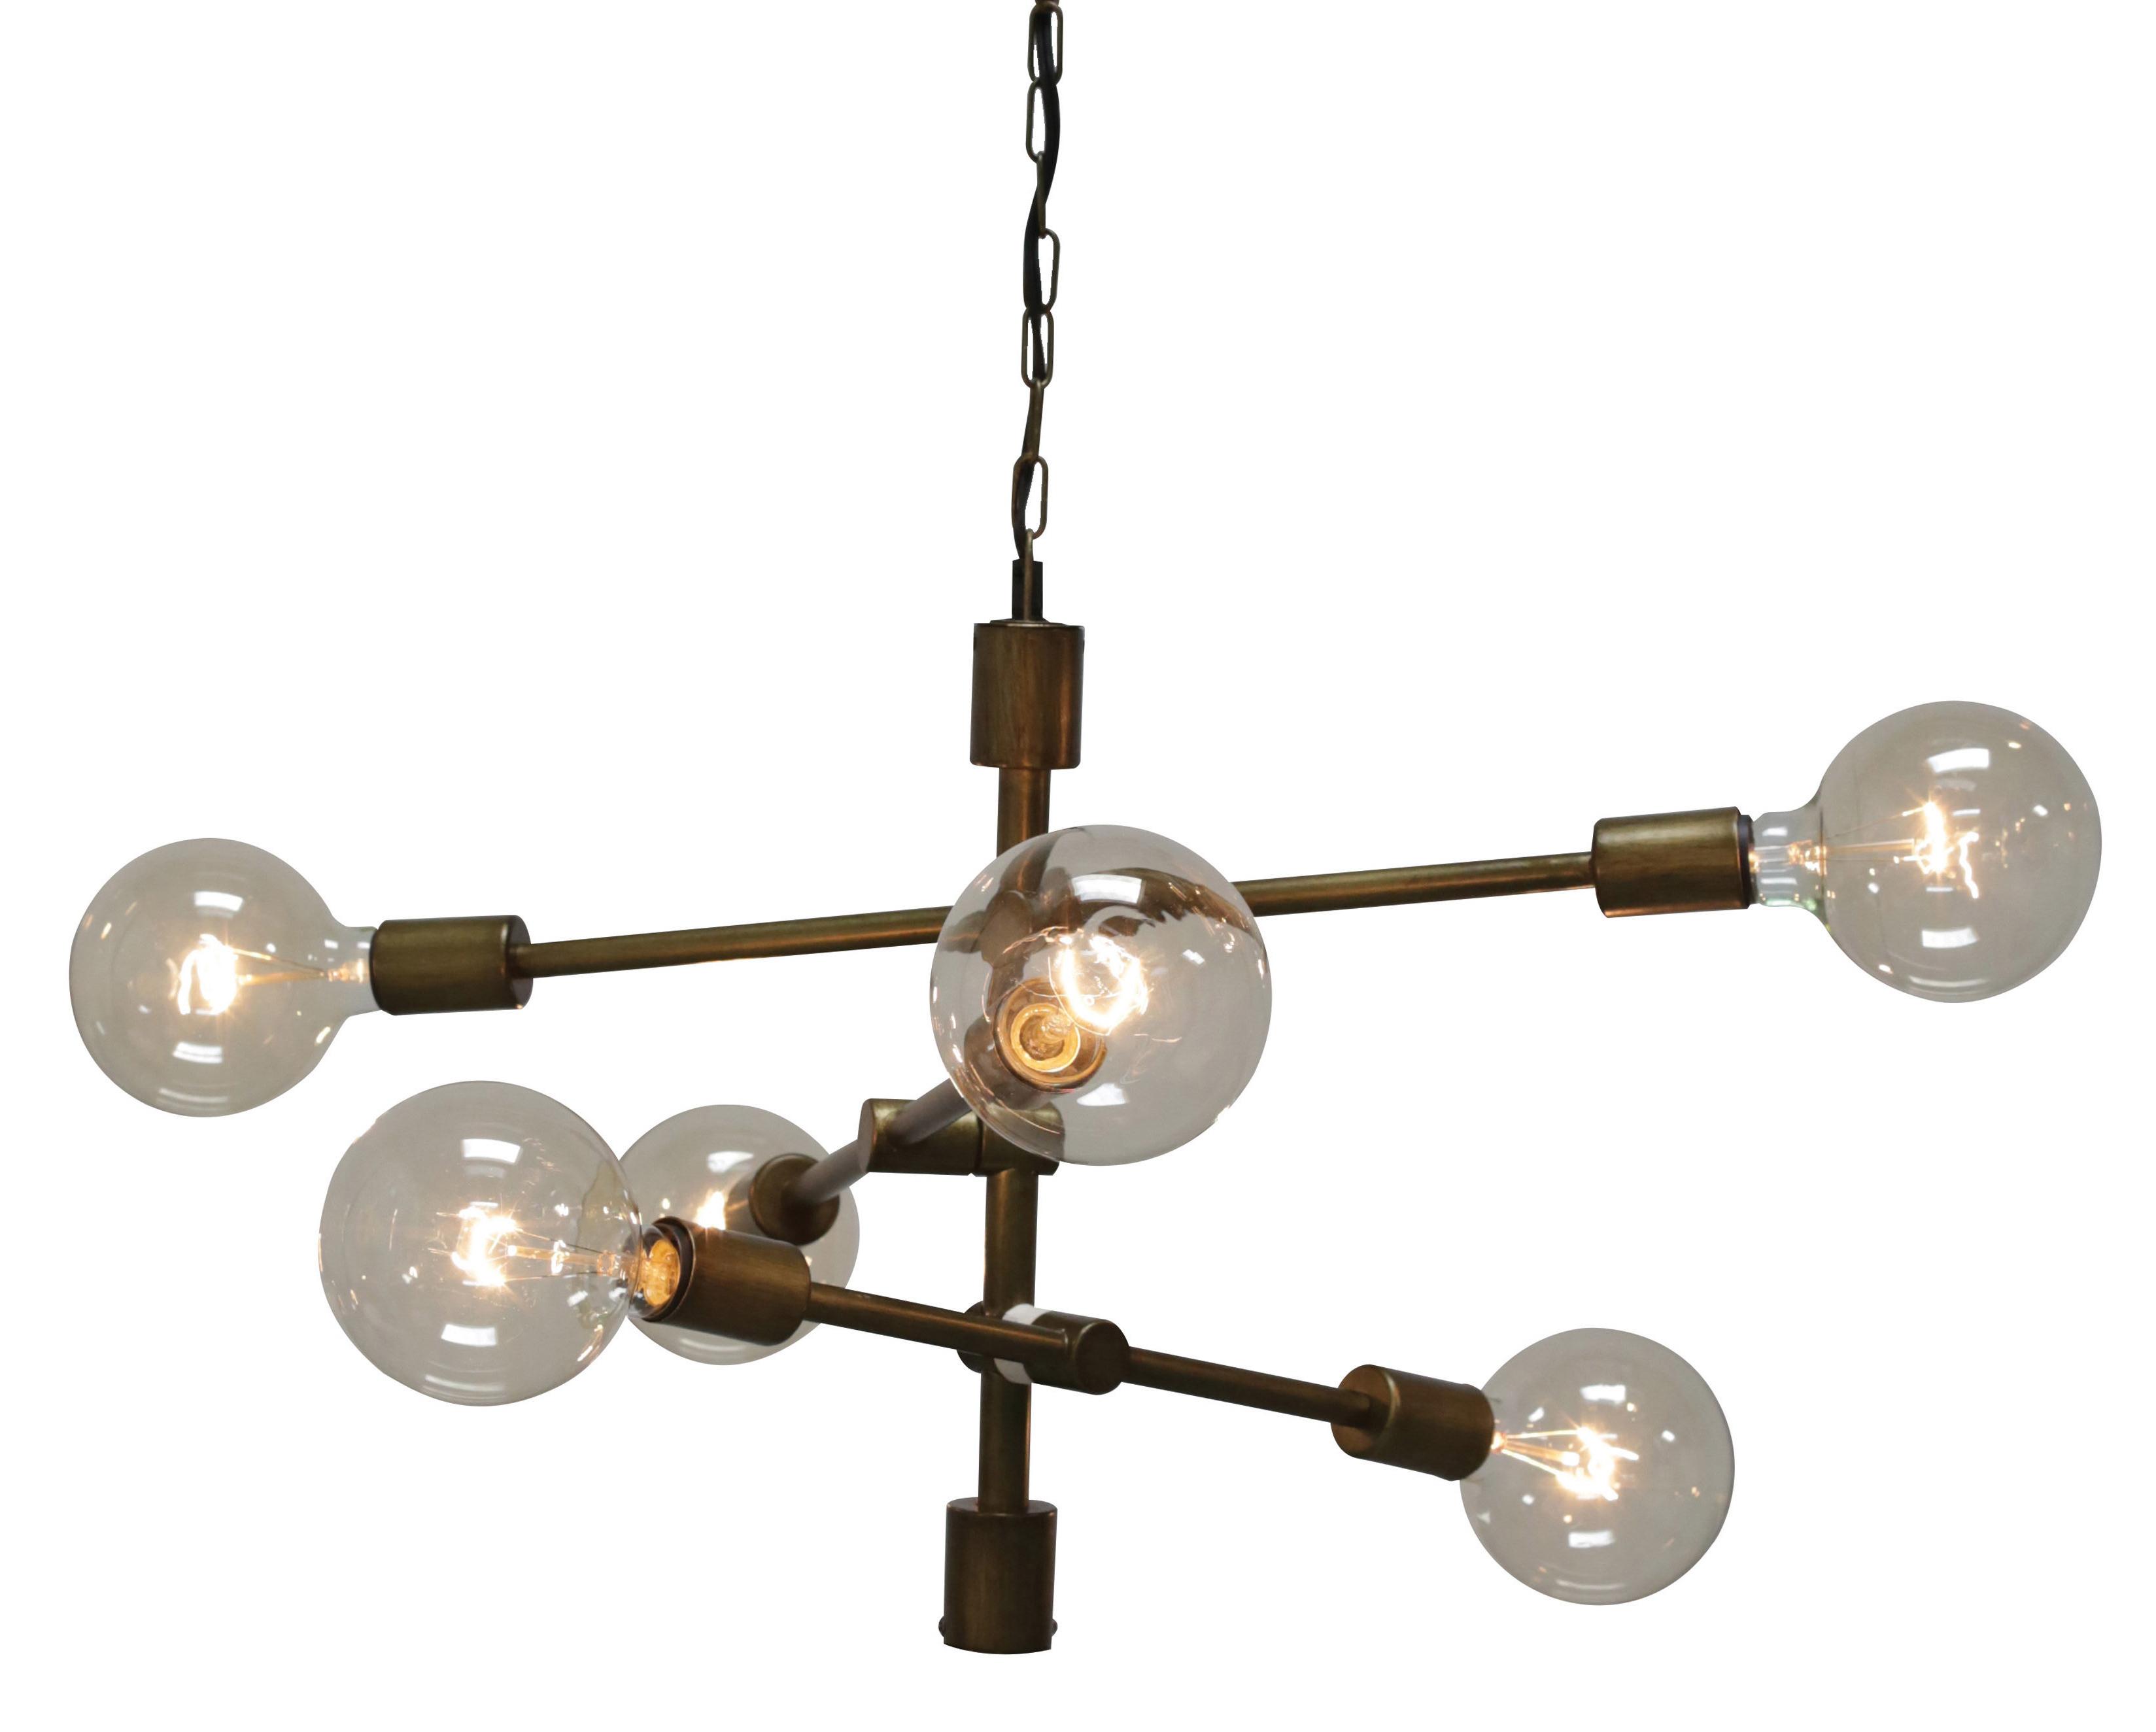 Current Wunsch 6 Light Sputnik Chandelier With Johanne 6 Light Sputnik Chandeliers (View 2 of 25)